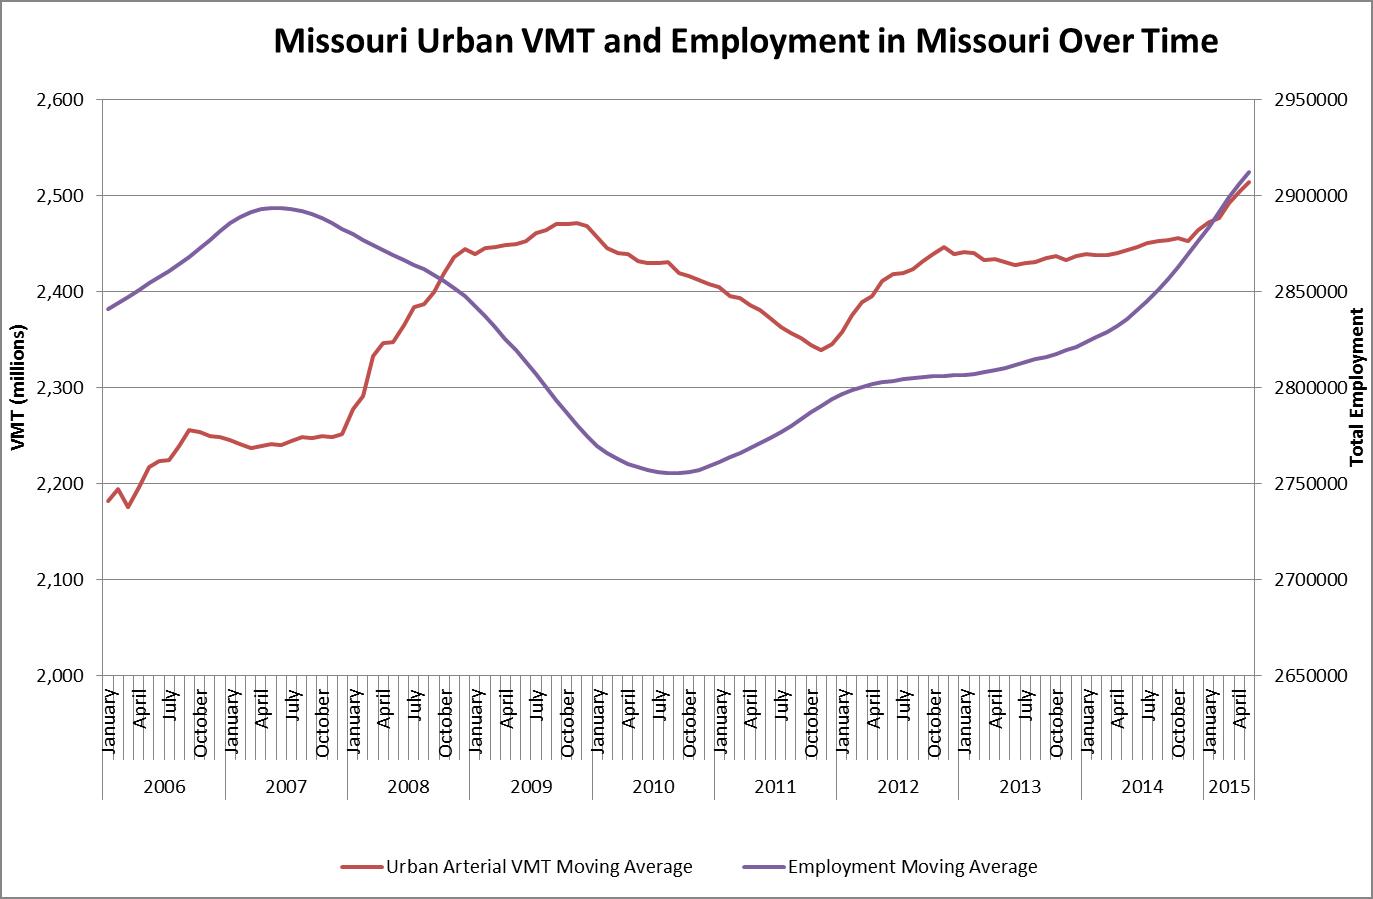 Missouri Urban VMT and Employment in Missouri